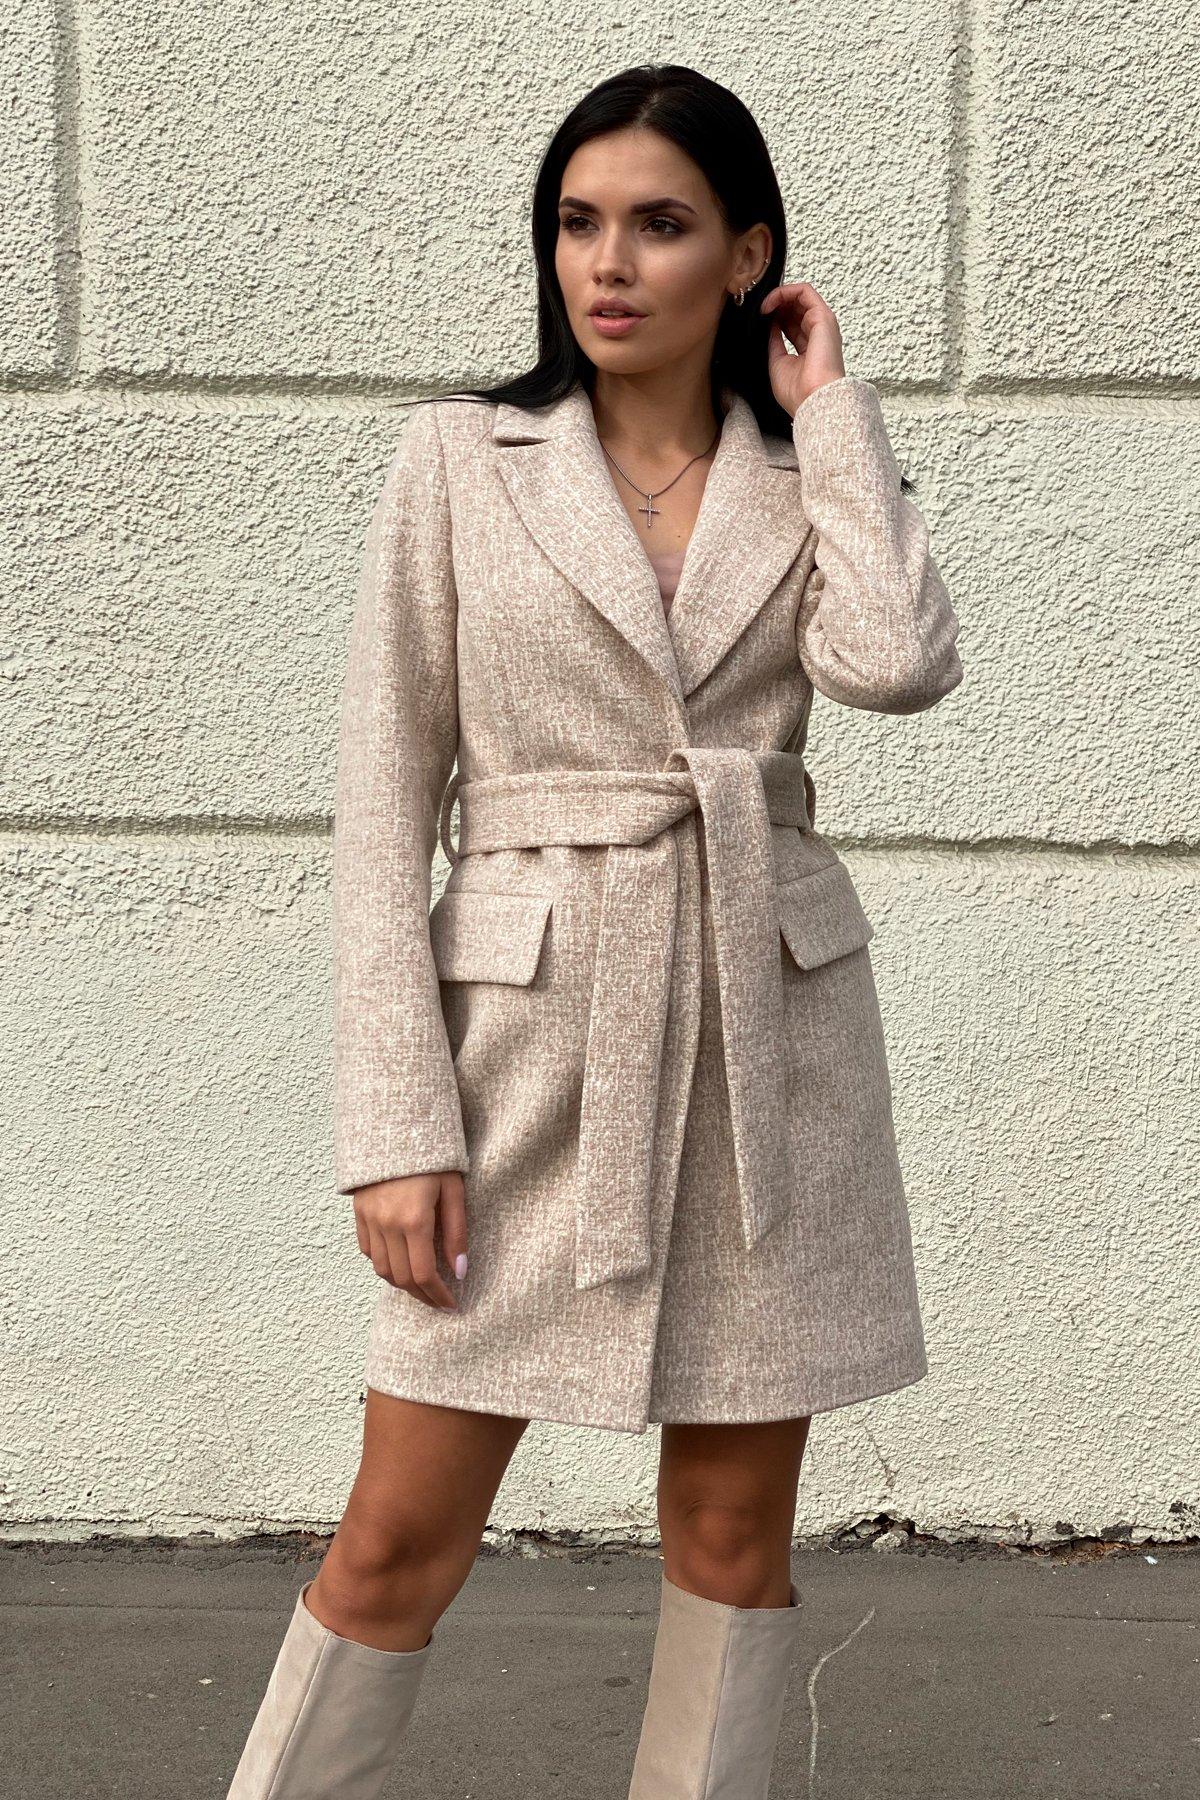 Корси кашемир меланж на трикотаже текстурный пальто 9878 АРТ. 46165 Цвет: Бежевый/молоко - фото 3, интернет магазин tm-modus.ru